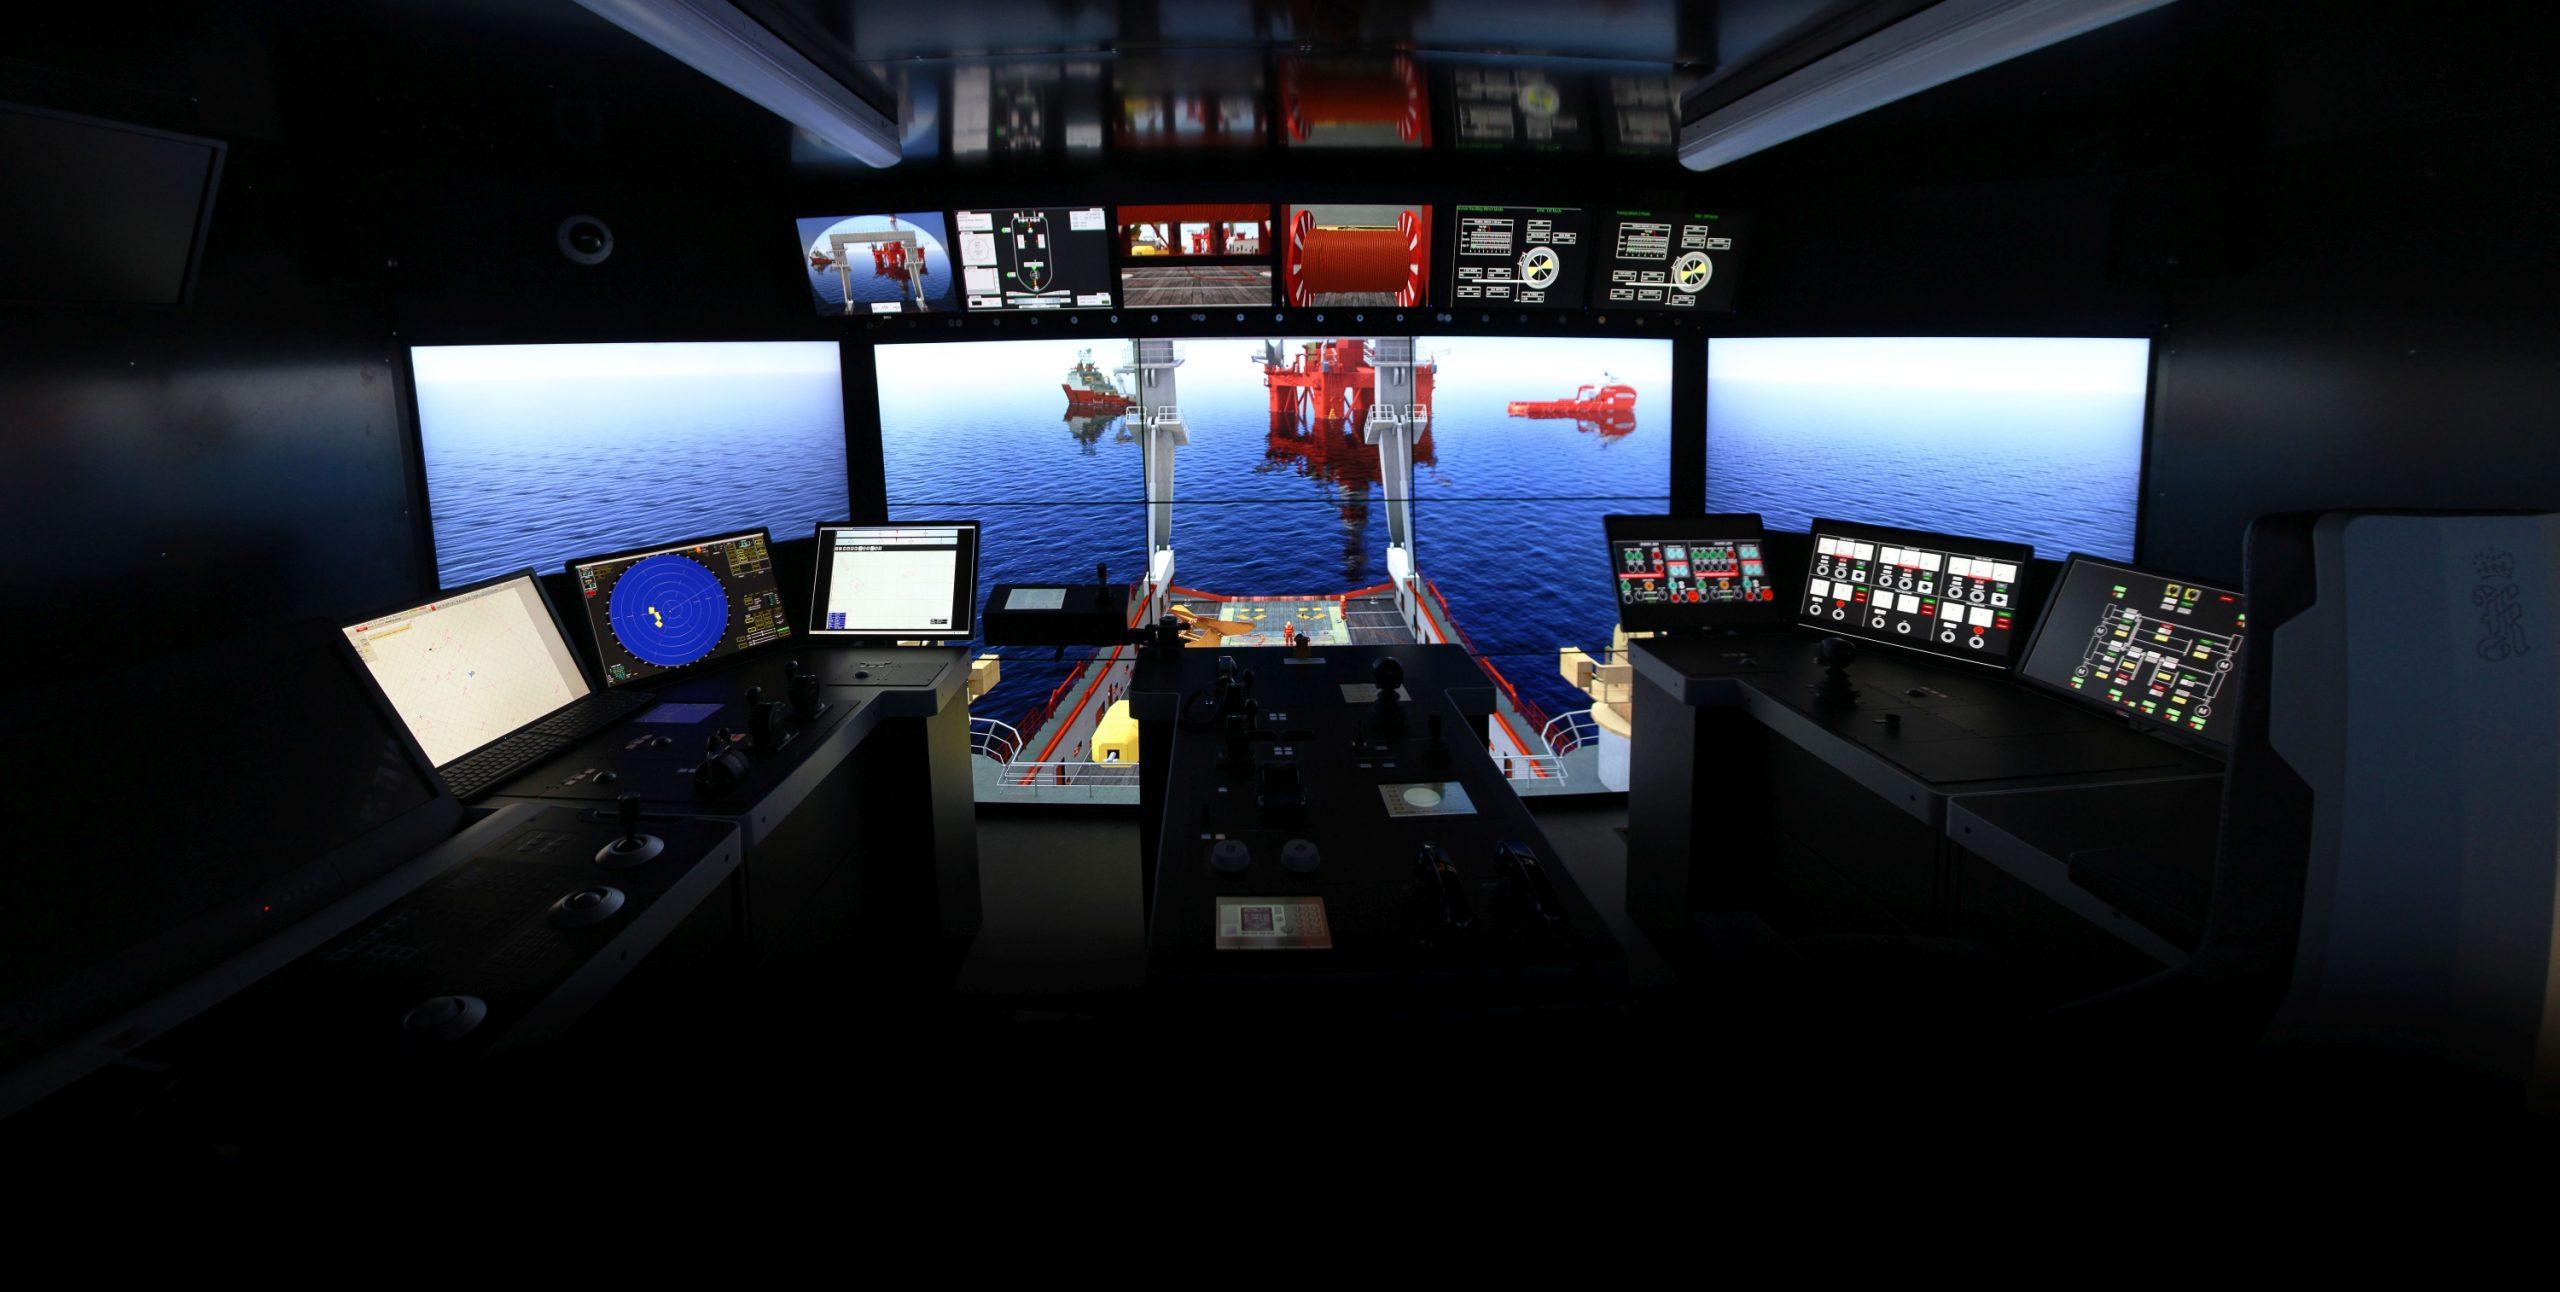 The Hibernia Offshore Operations Simulator Facility.